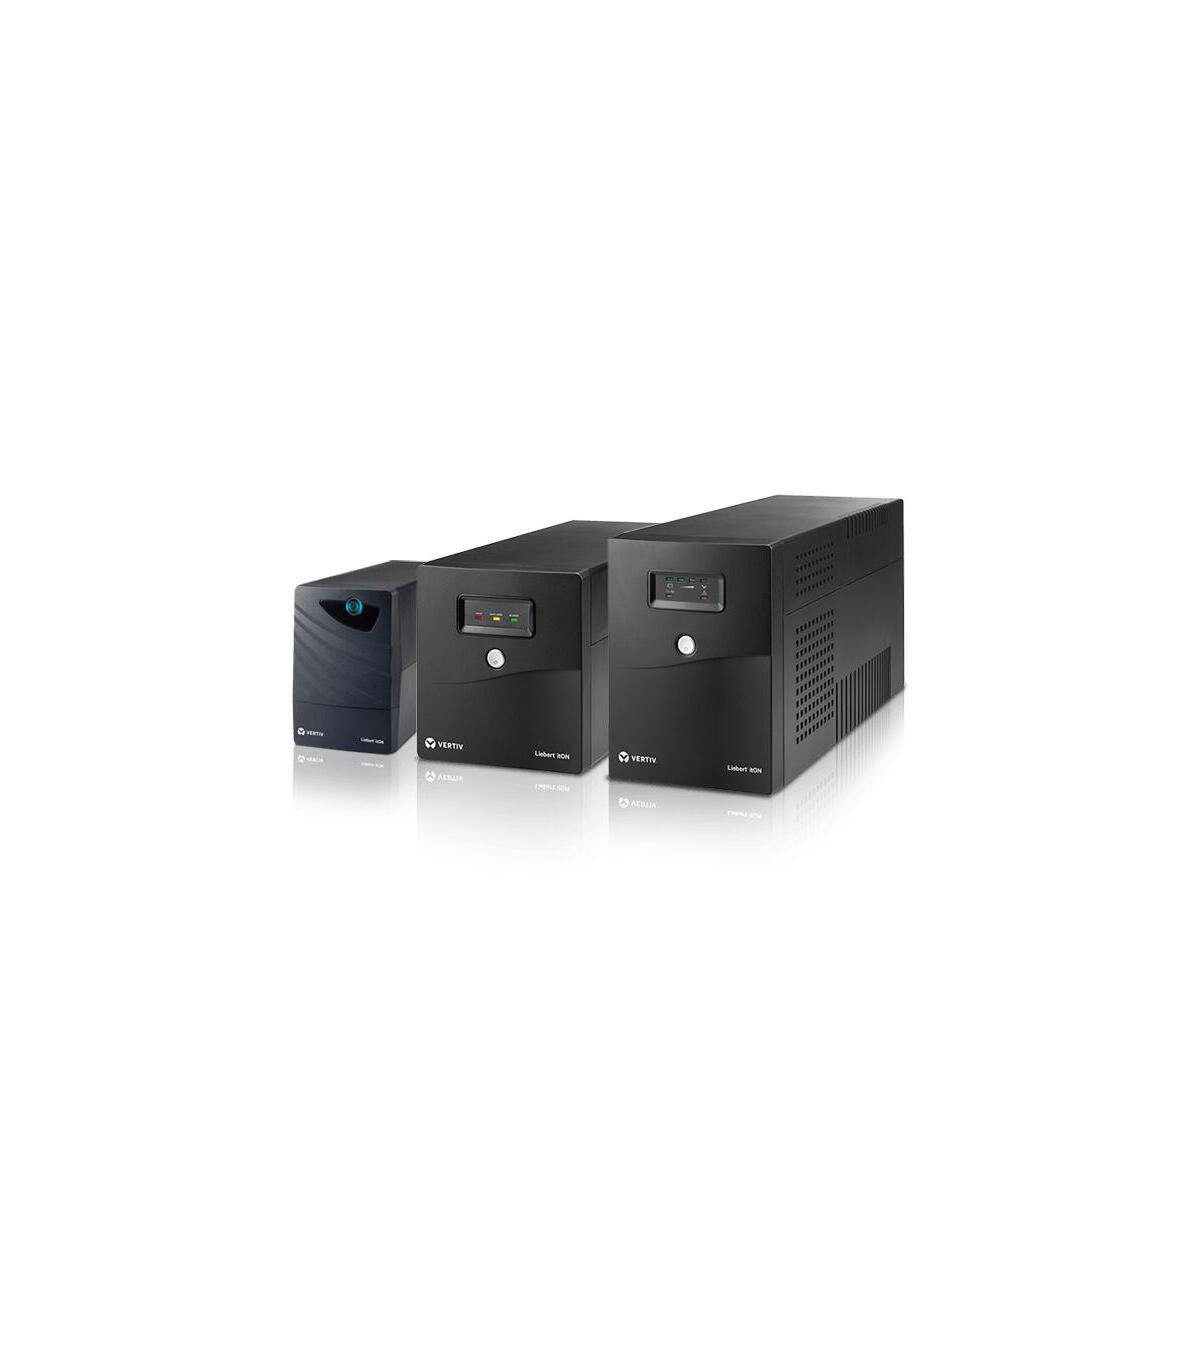 Cable Adaptador USB 2.0 A Macho a 2 Conectores Hembra Doble Y Divisor periwinkLuQ